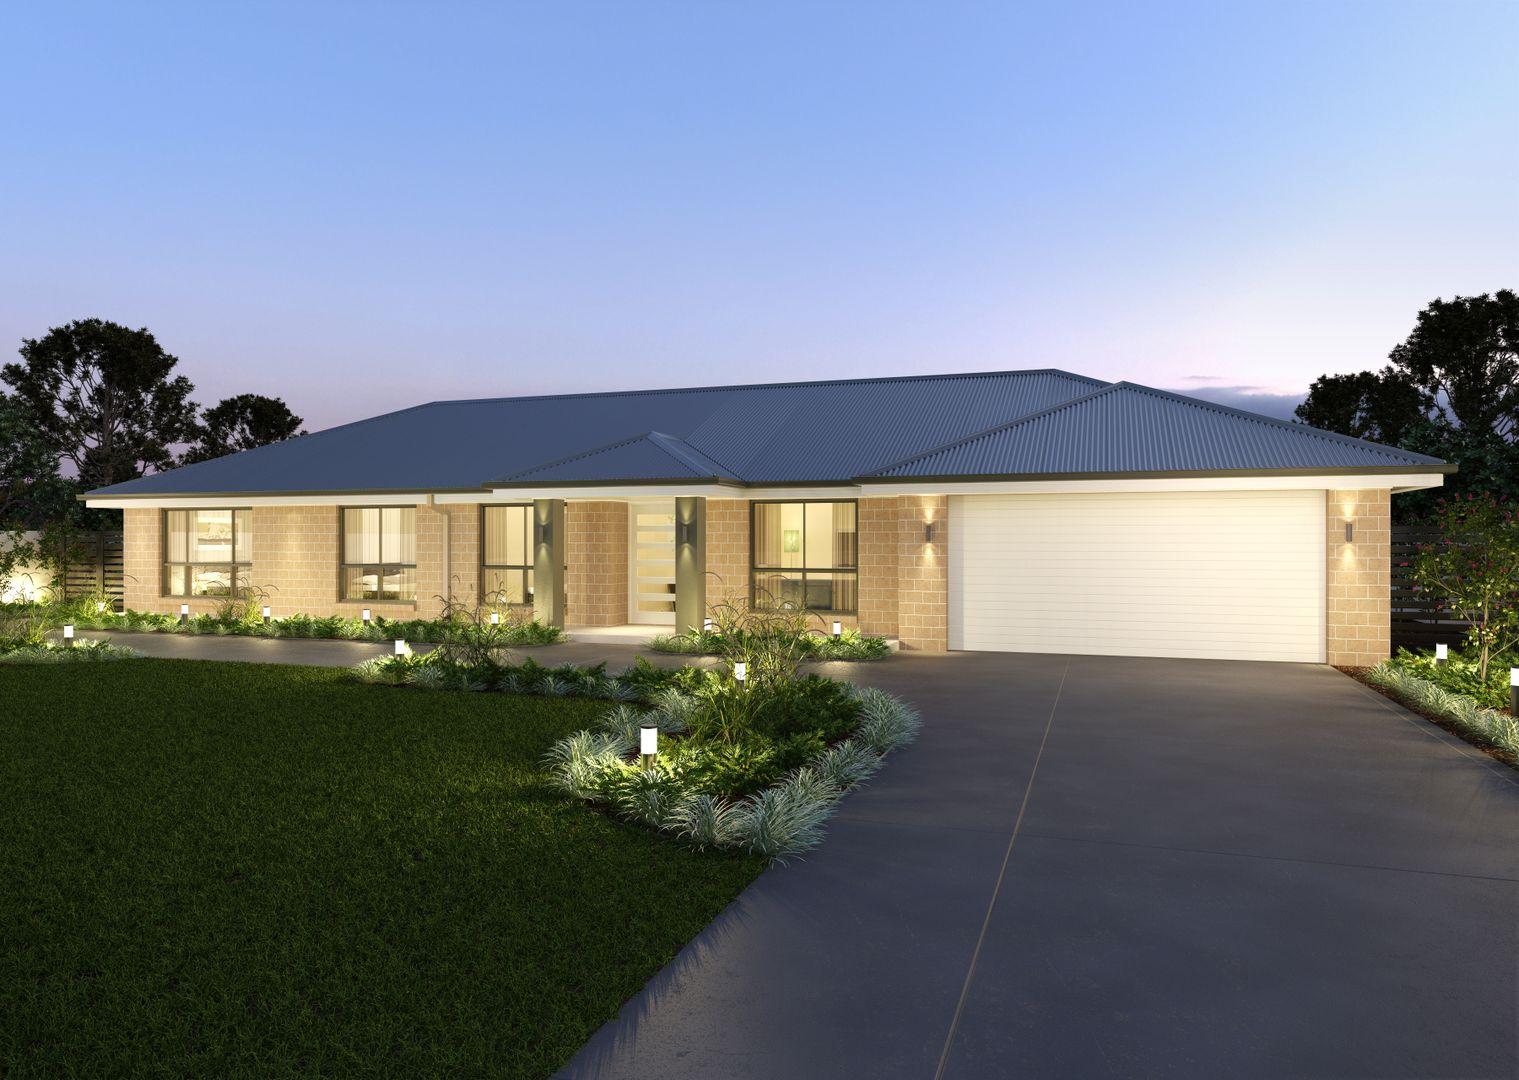 Lot 203 Geoff Philp Drive, River Oaks, Logan Village QLD 4207, Image 0